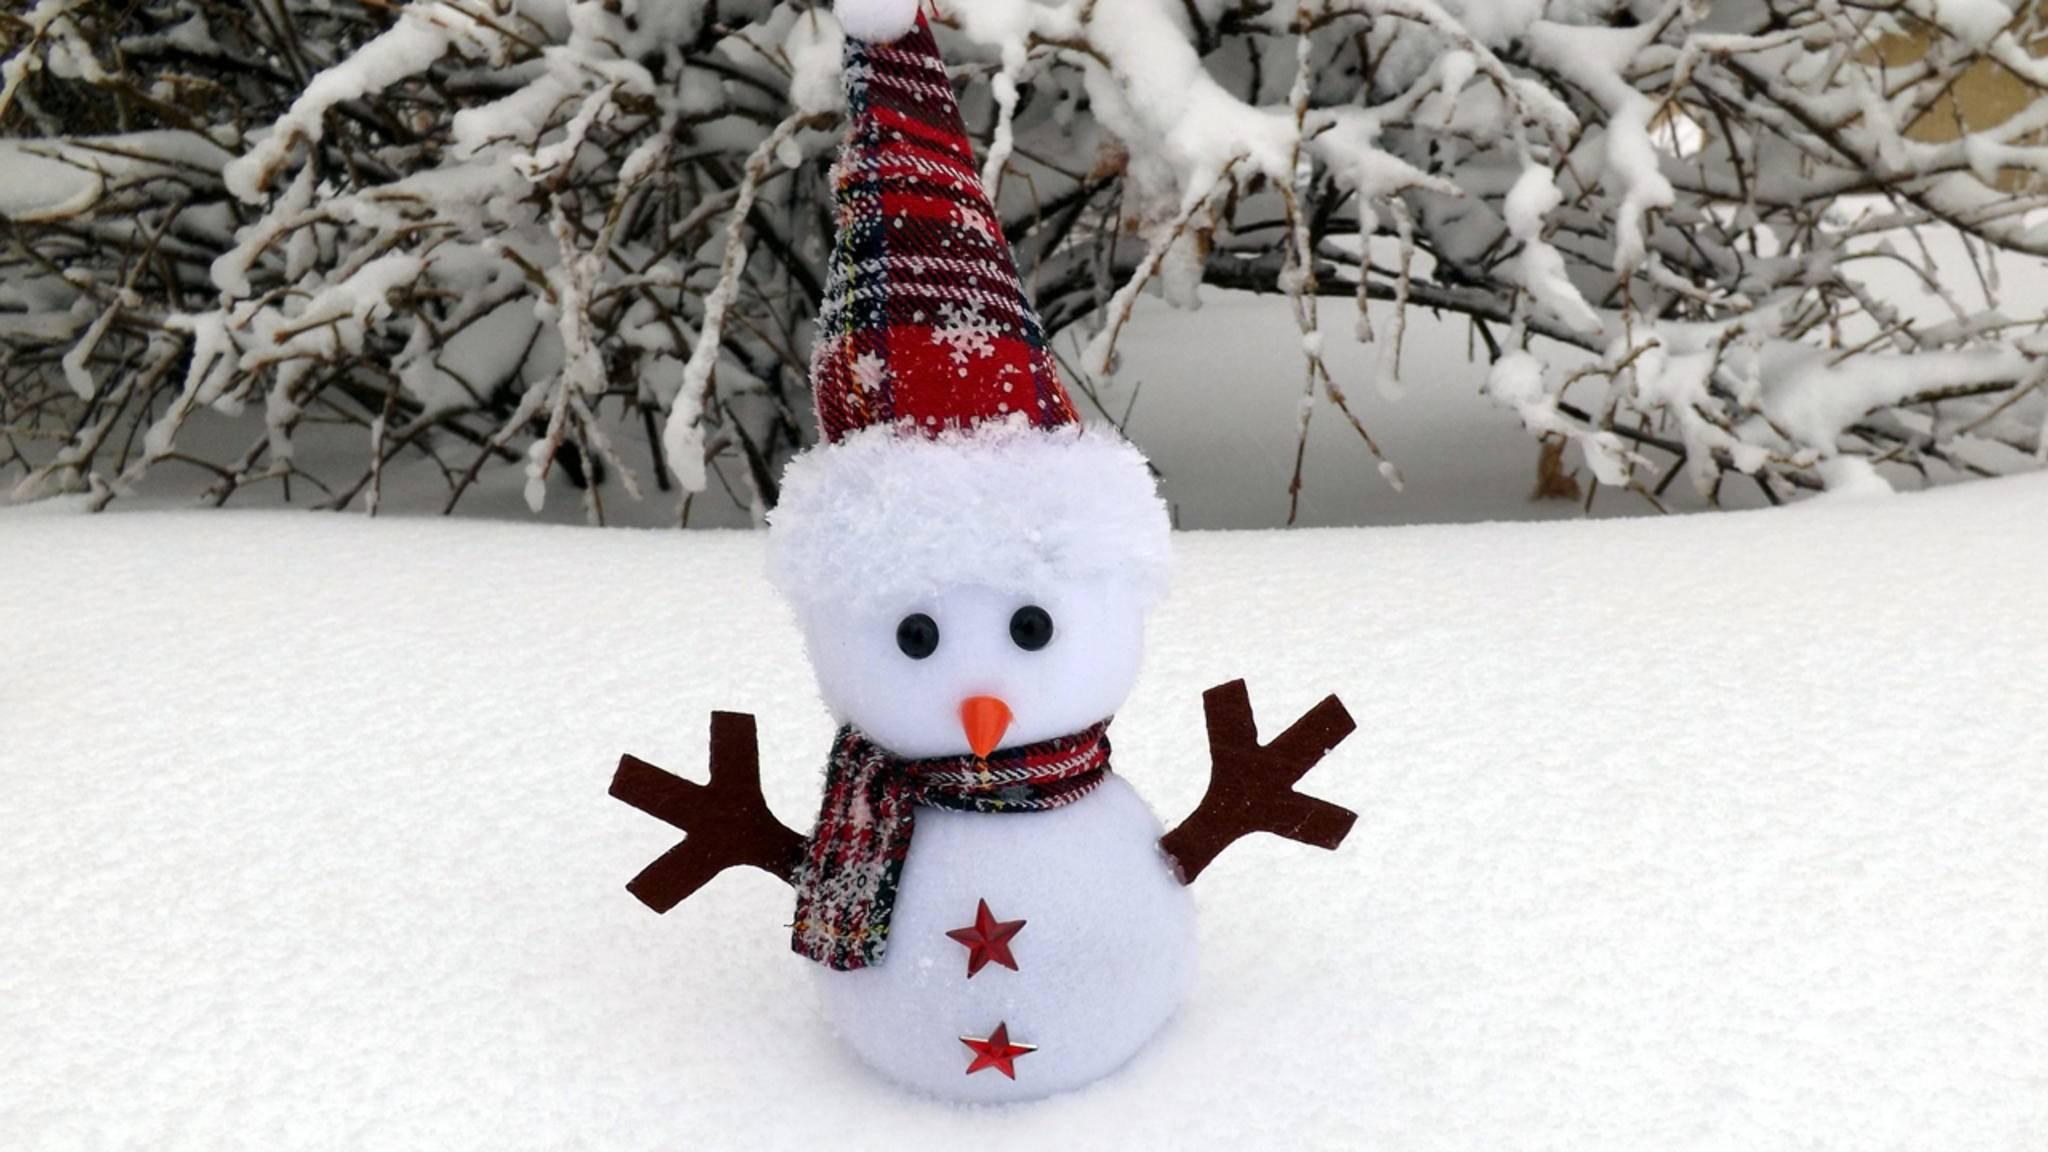 Dieser Schneemann ist schon ziemlich klein. Aber: Es geht noch viel, viel kleiner!